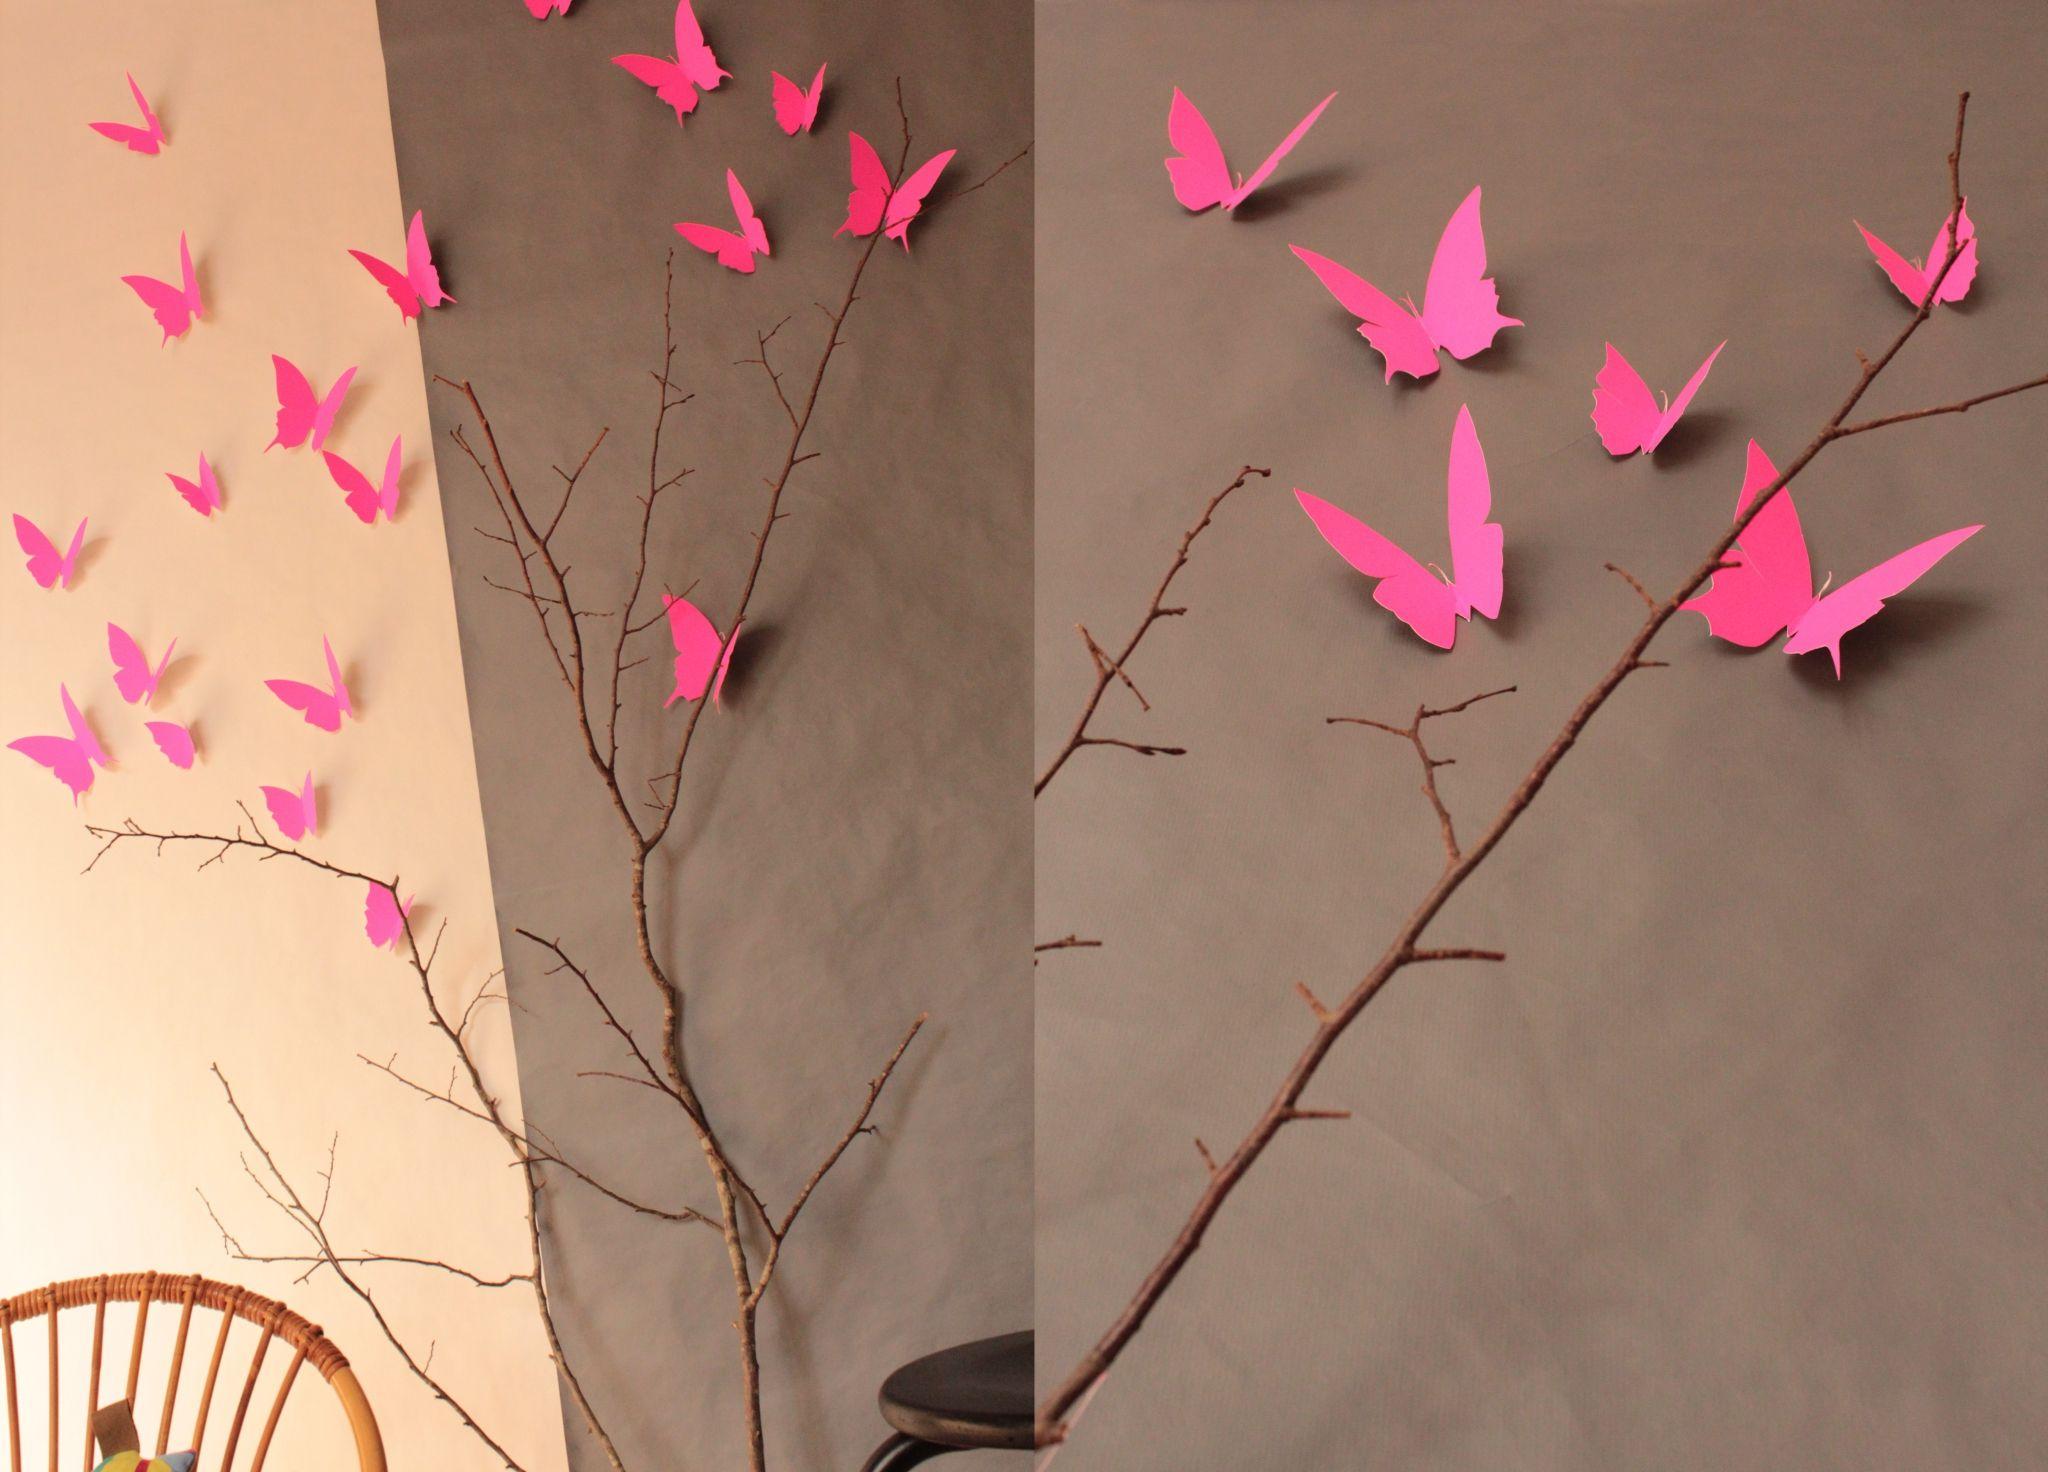 chambre rose fluo  dcoration murale papier envole de papillons fluo TRENDY LITTLE 4  dco et